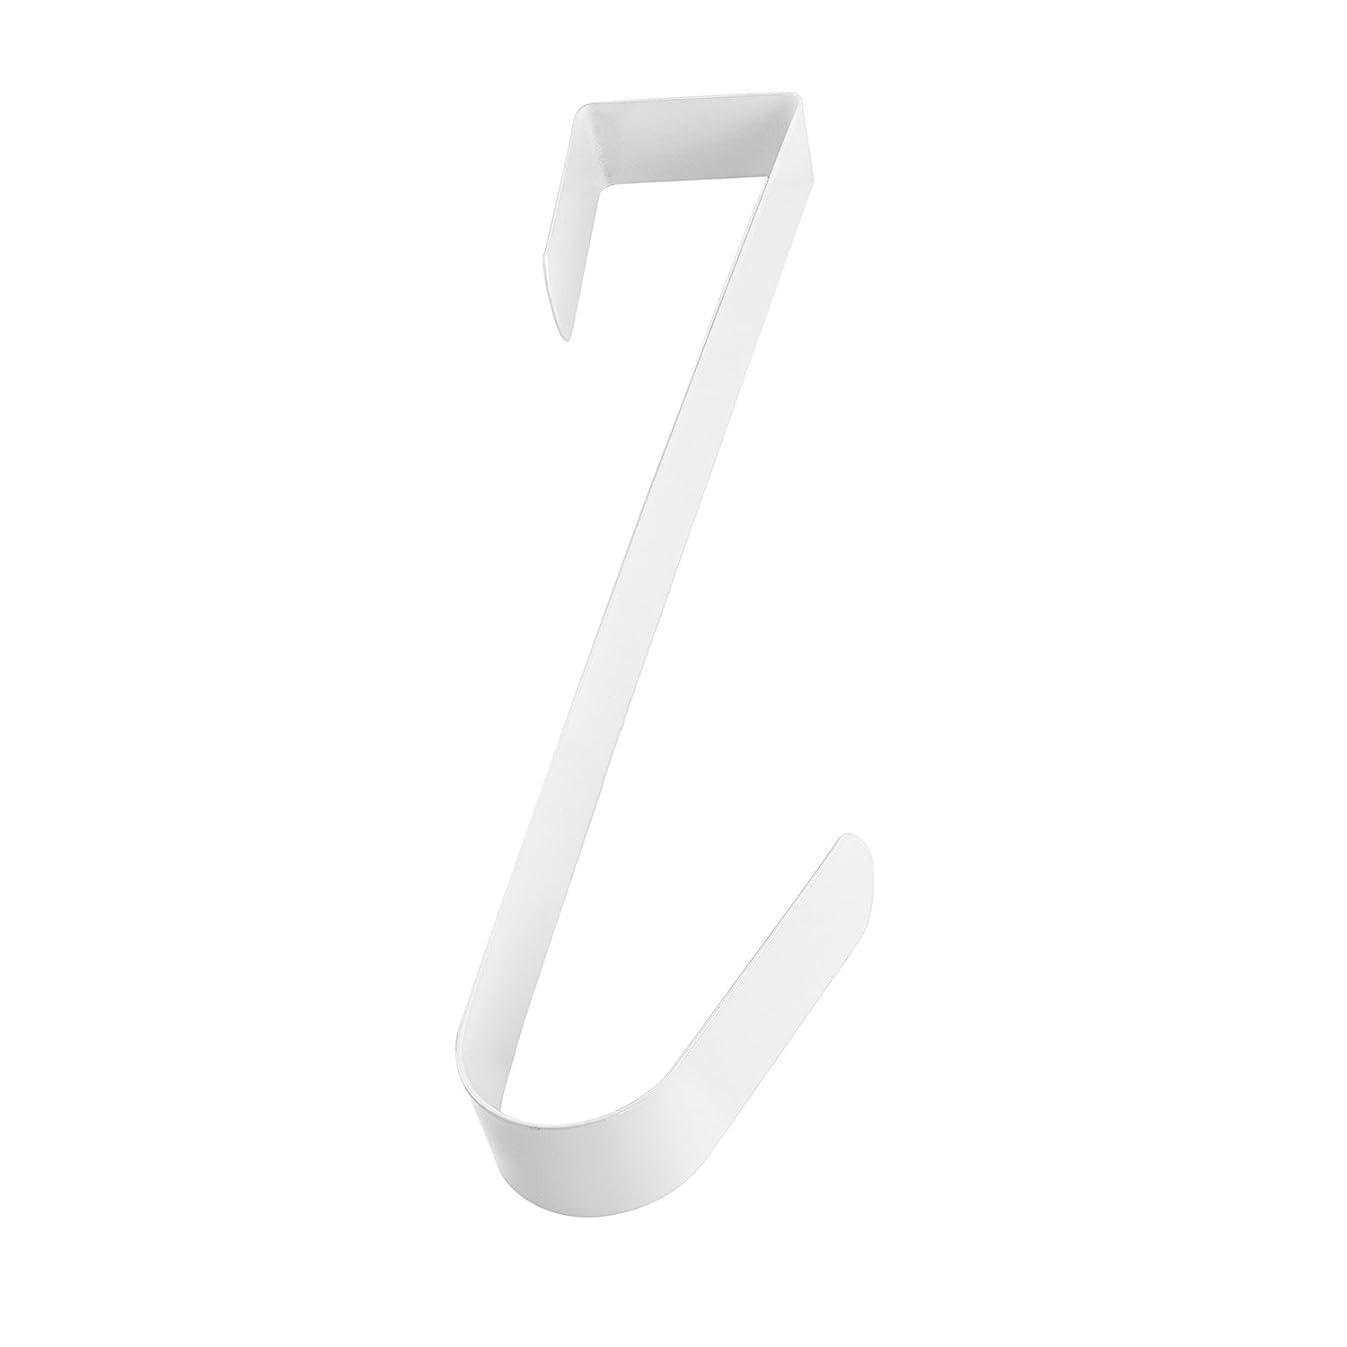 Super Z Outlet White Metal Home Over The Door Wreath Hanger for Bathroom, Bedroom, Coats, Towels (12